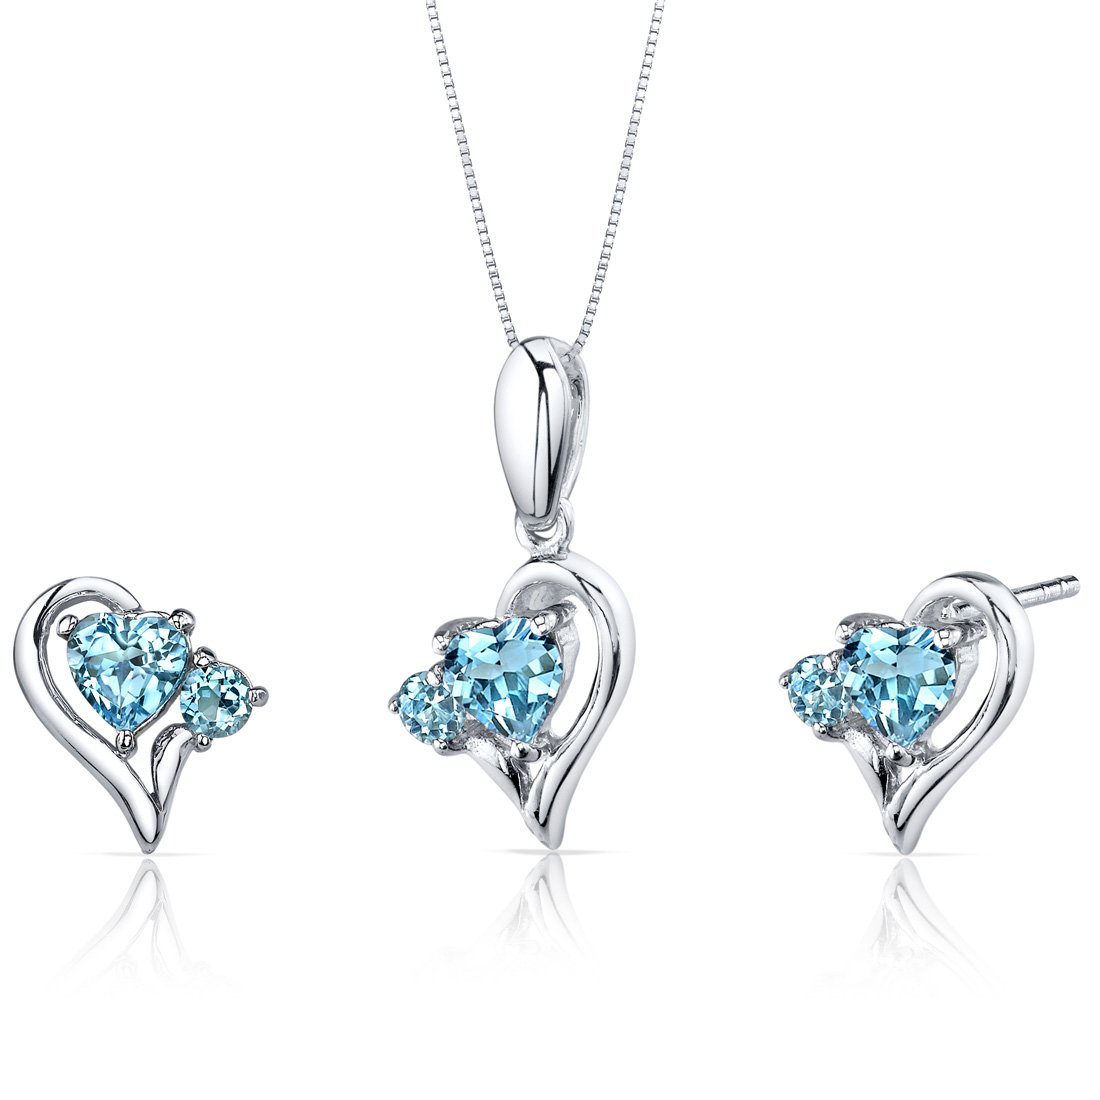 Swiss Blue Topaz Pendant Earrings Necklace Set Sterling Silver Heart Shape 2.25 Carats